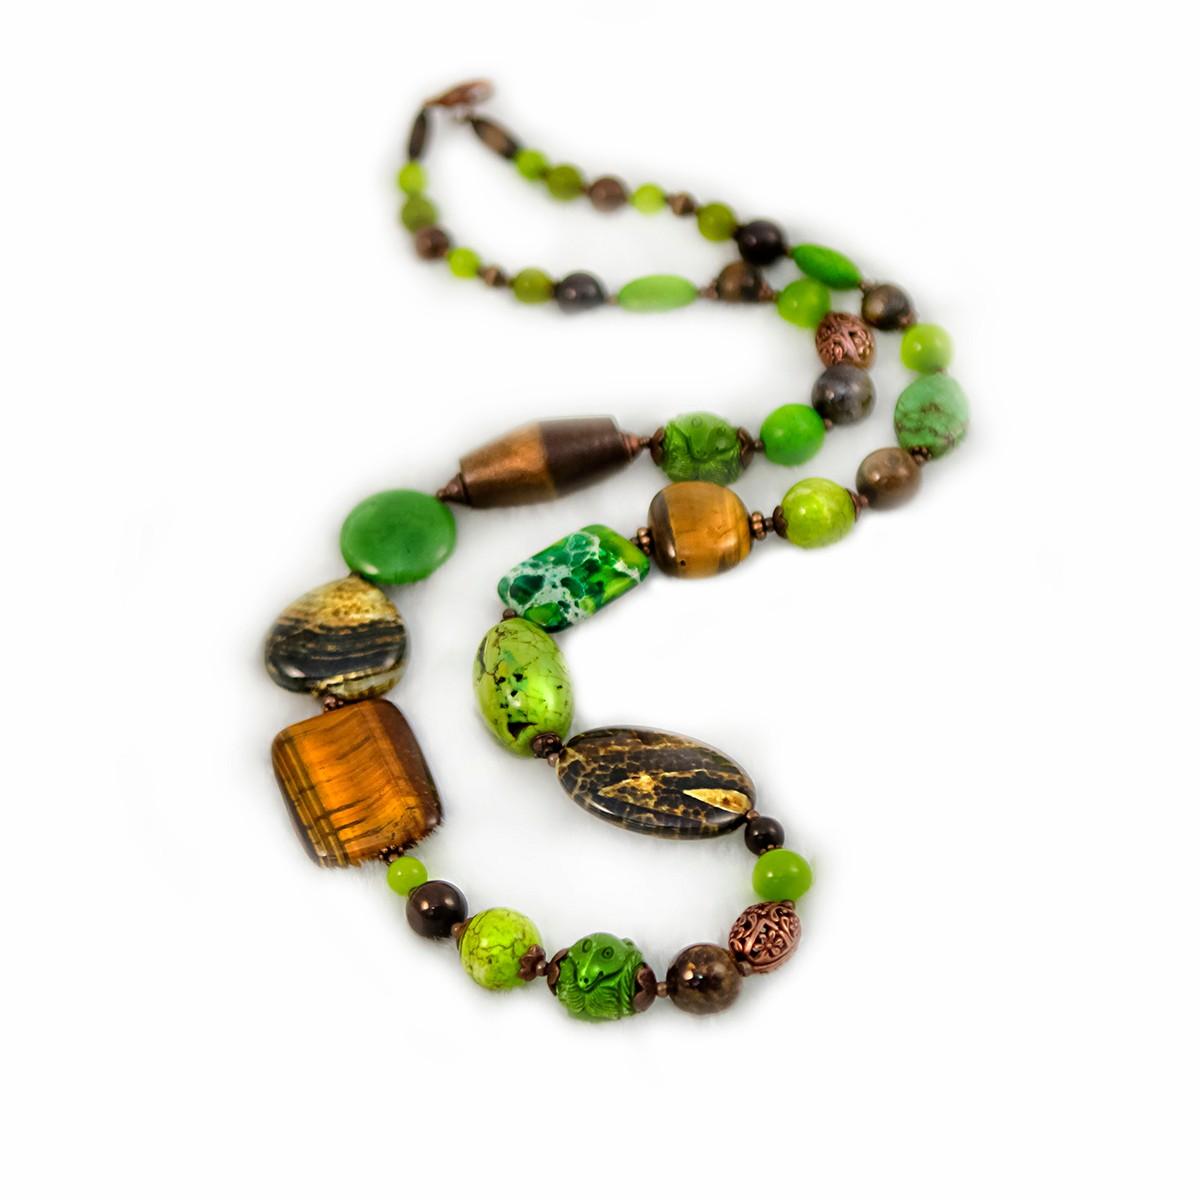 Колье женское Selena Роман с камнем, цвет: зеленый, коричневый. 1009410110094101